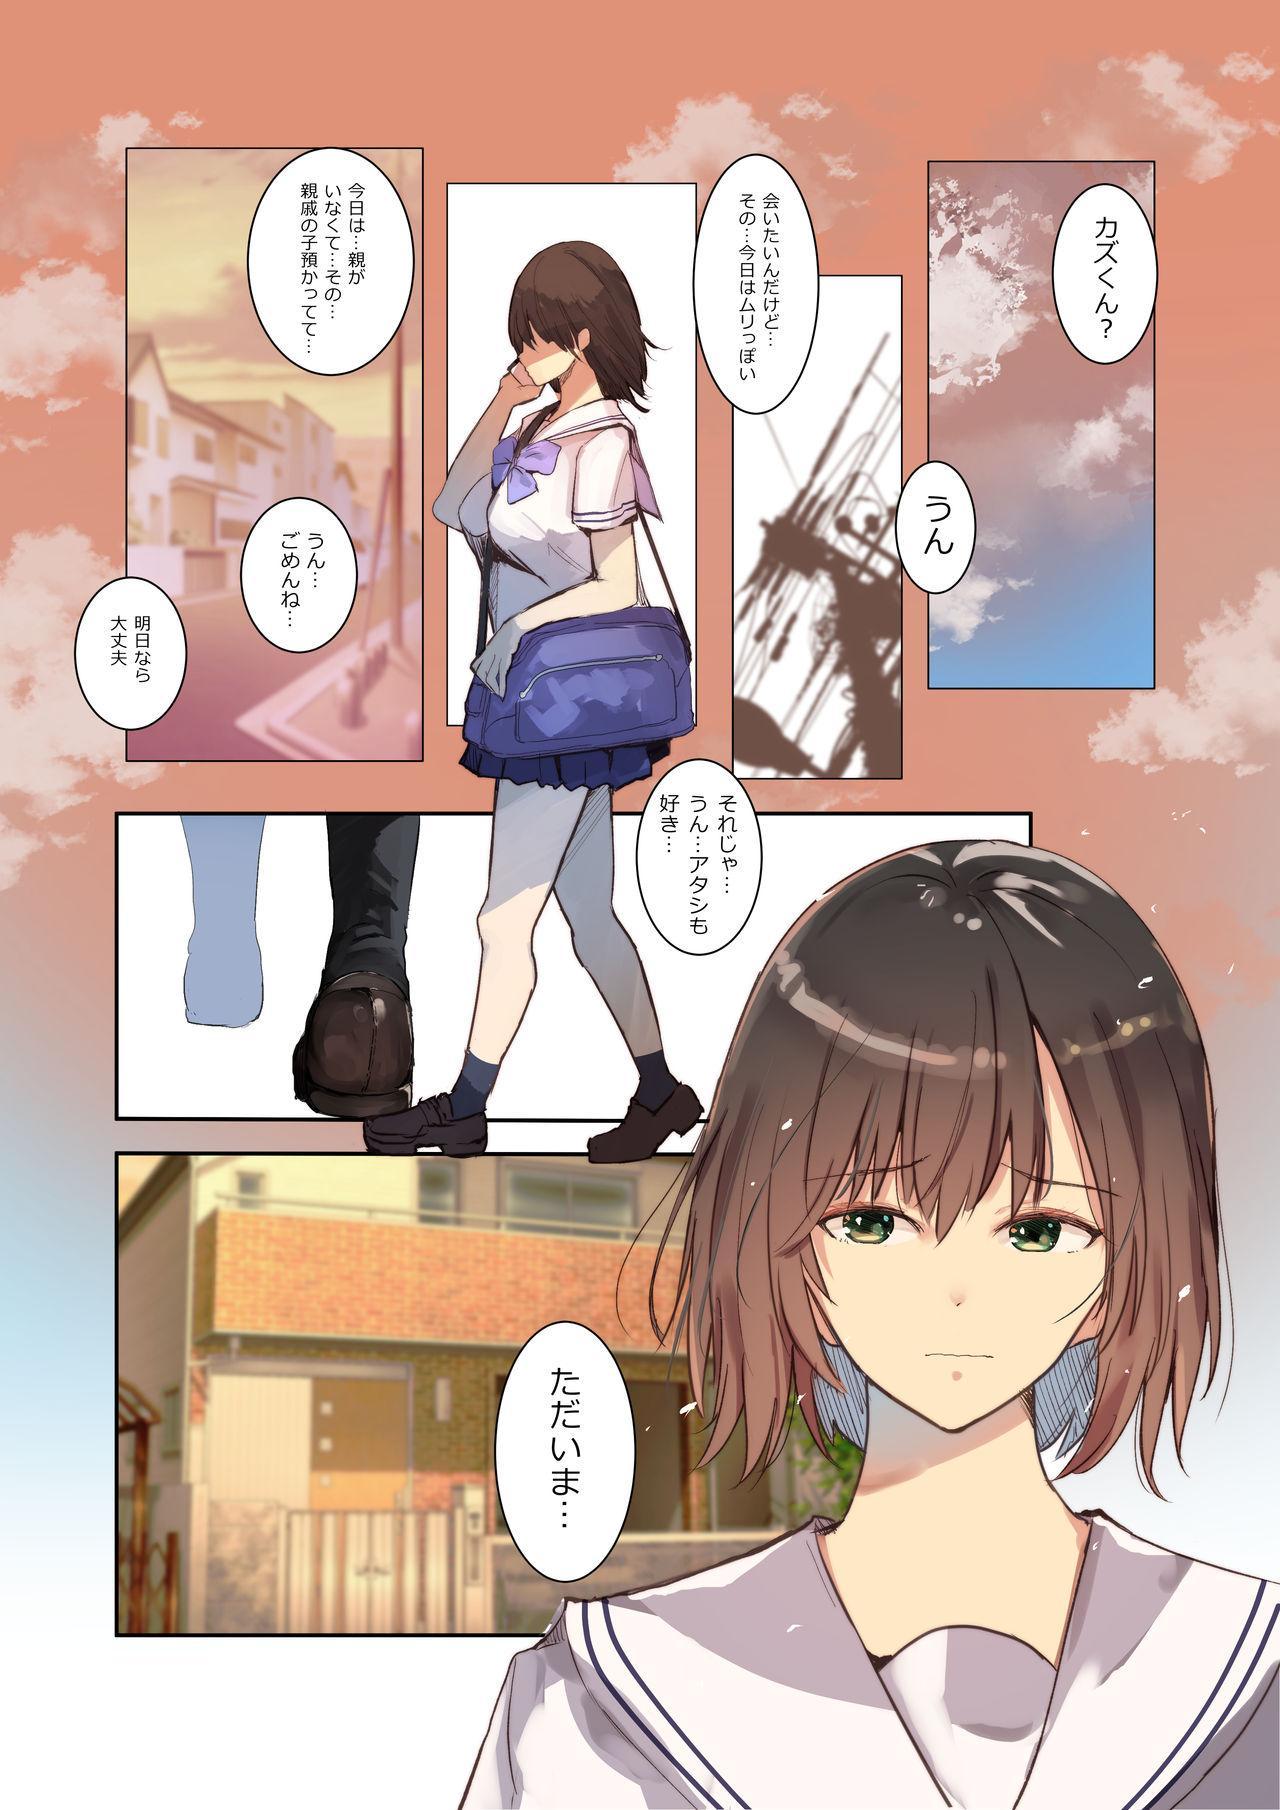 Atashi ga Oji wo Kirau Riyuu 5